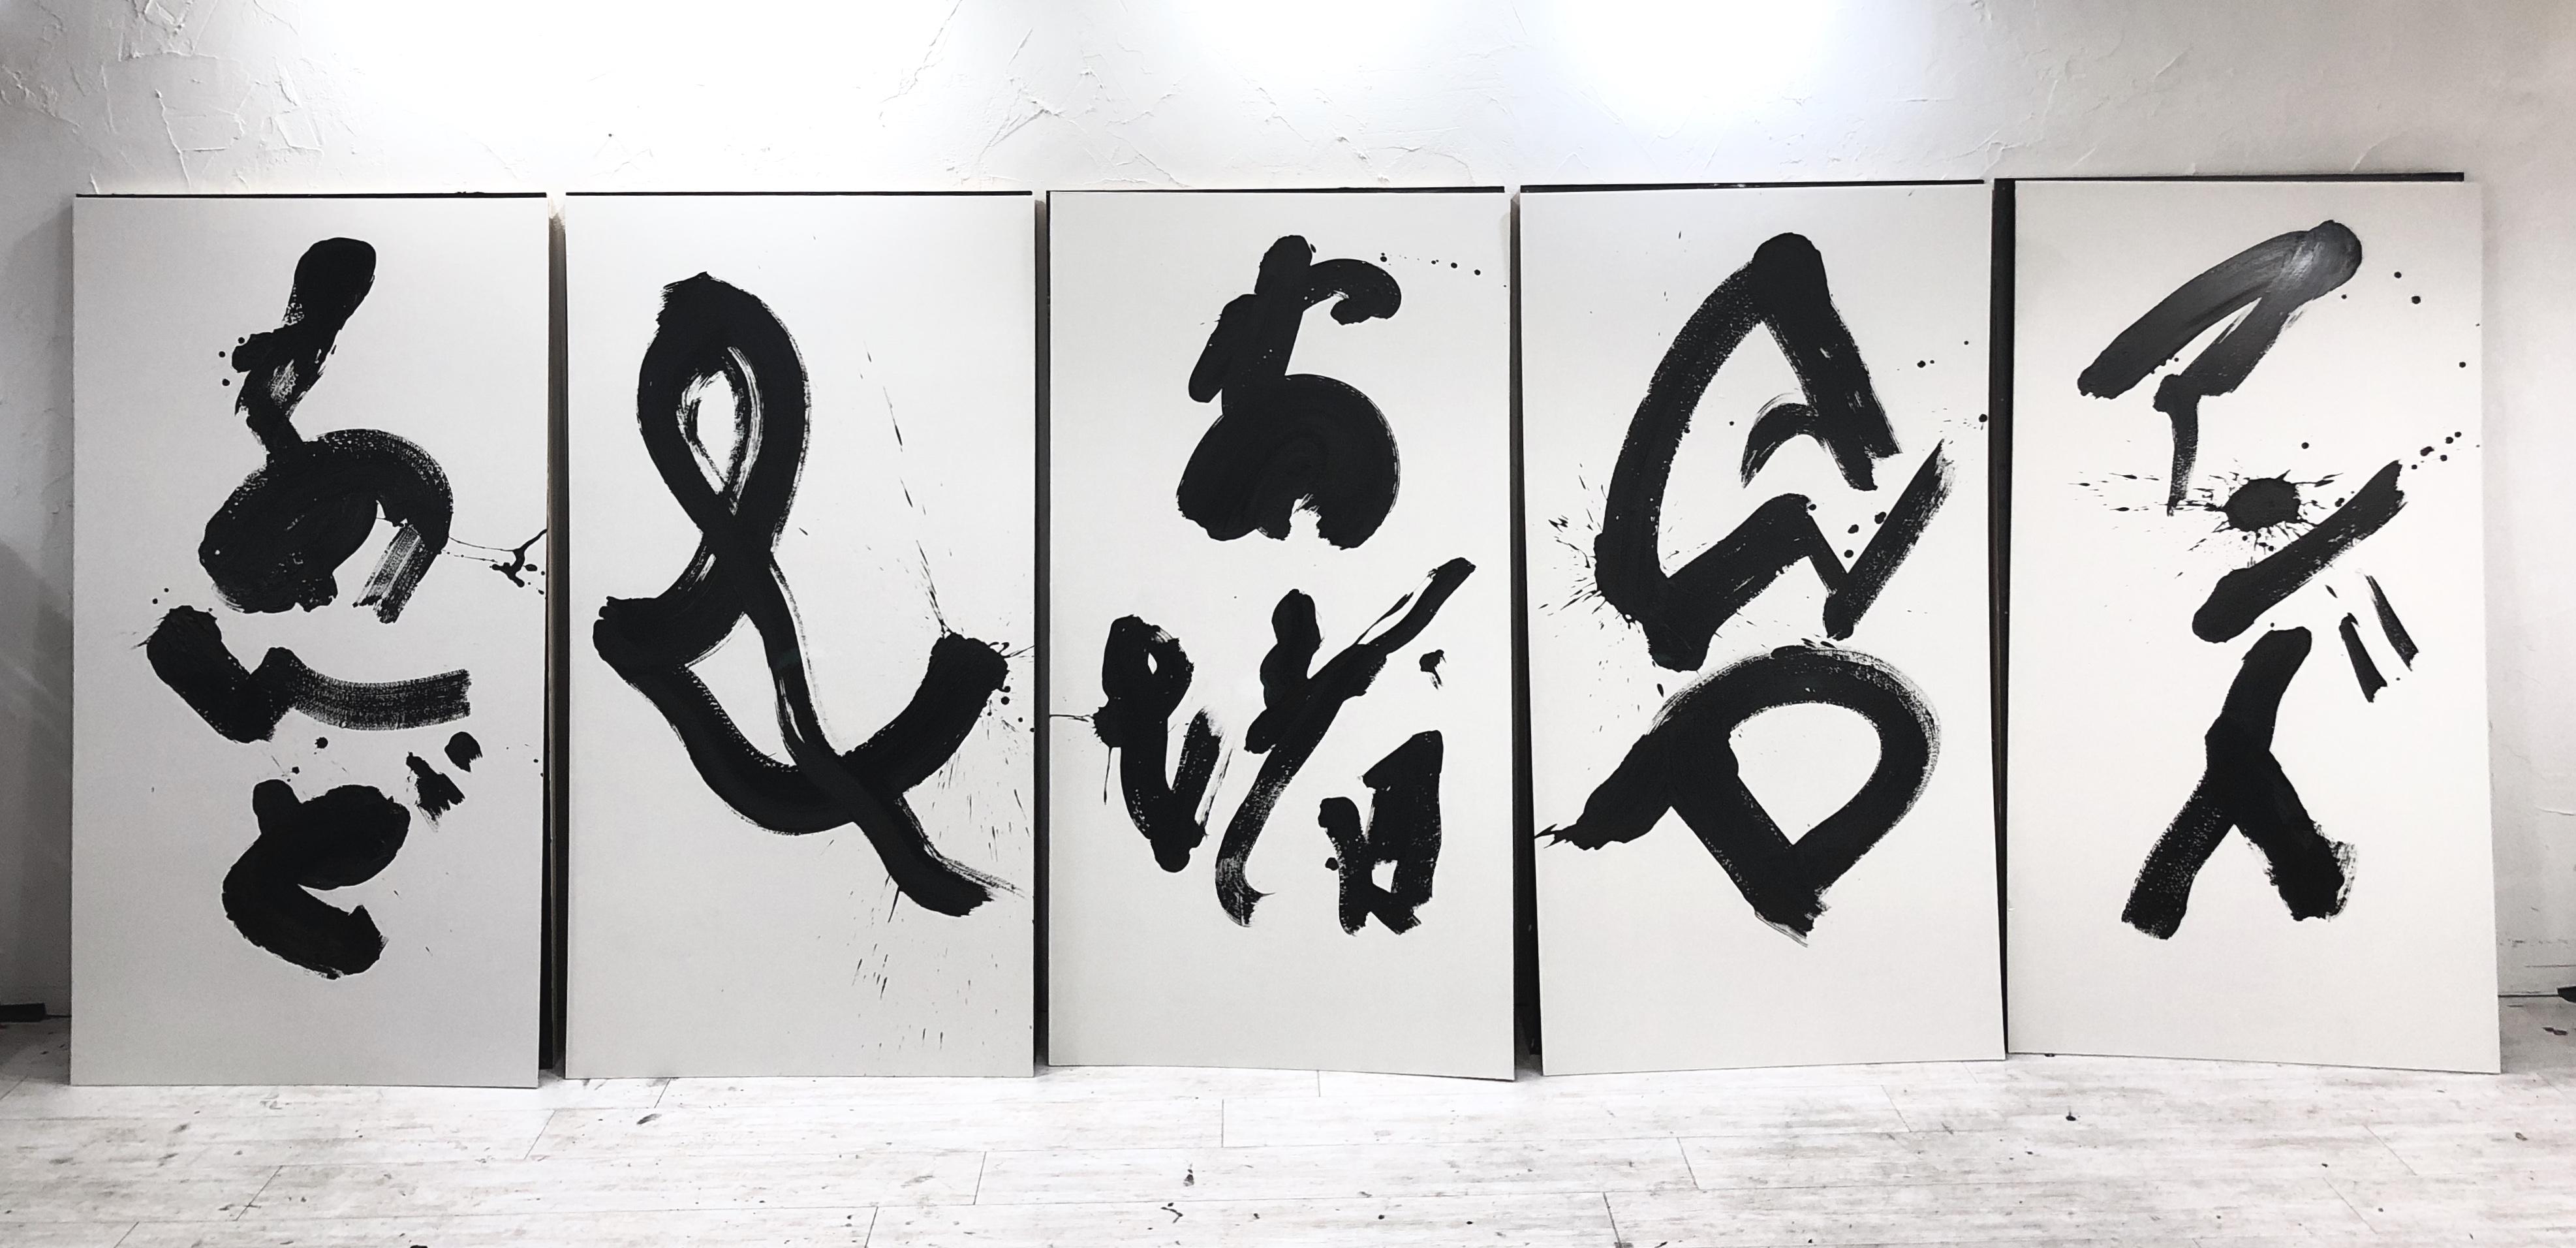 書道家 作品 筆文字 アート ART 現代美術 あんど & 安堵 AND アンド contemporary